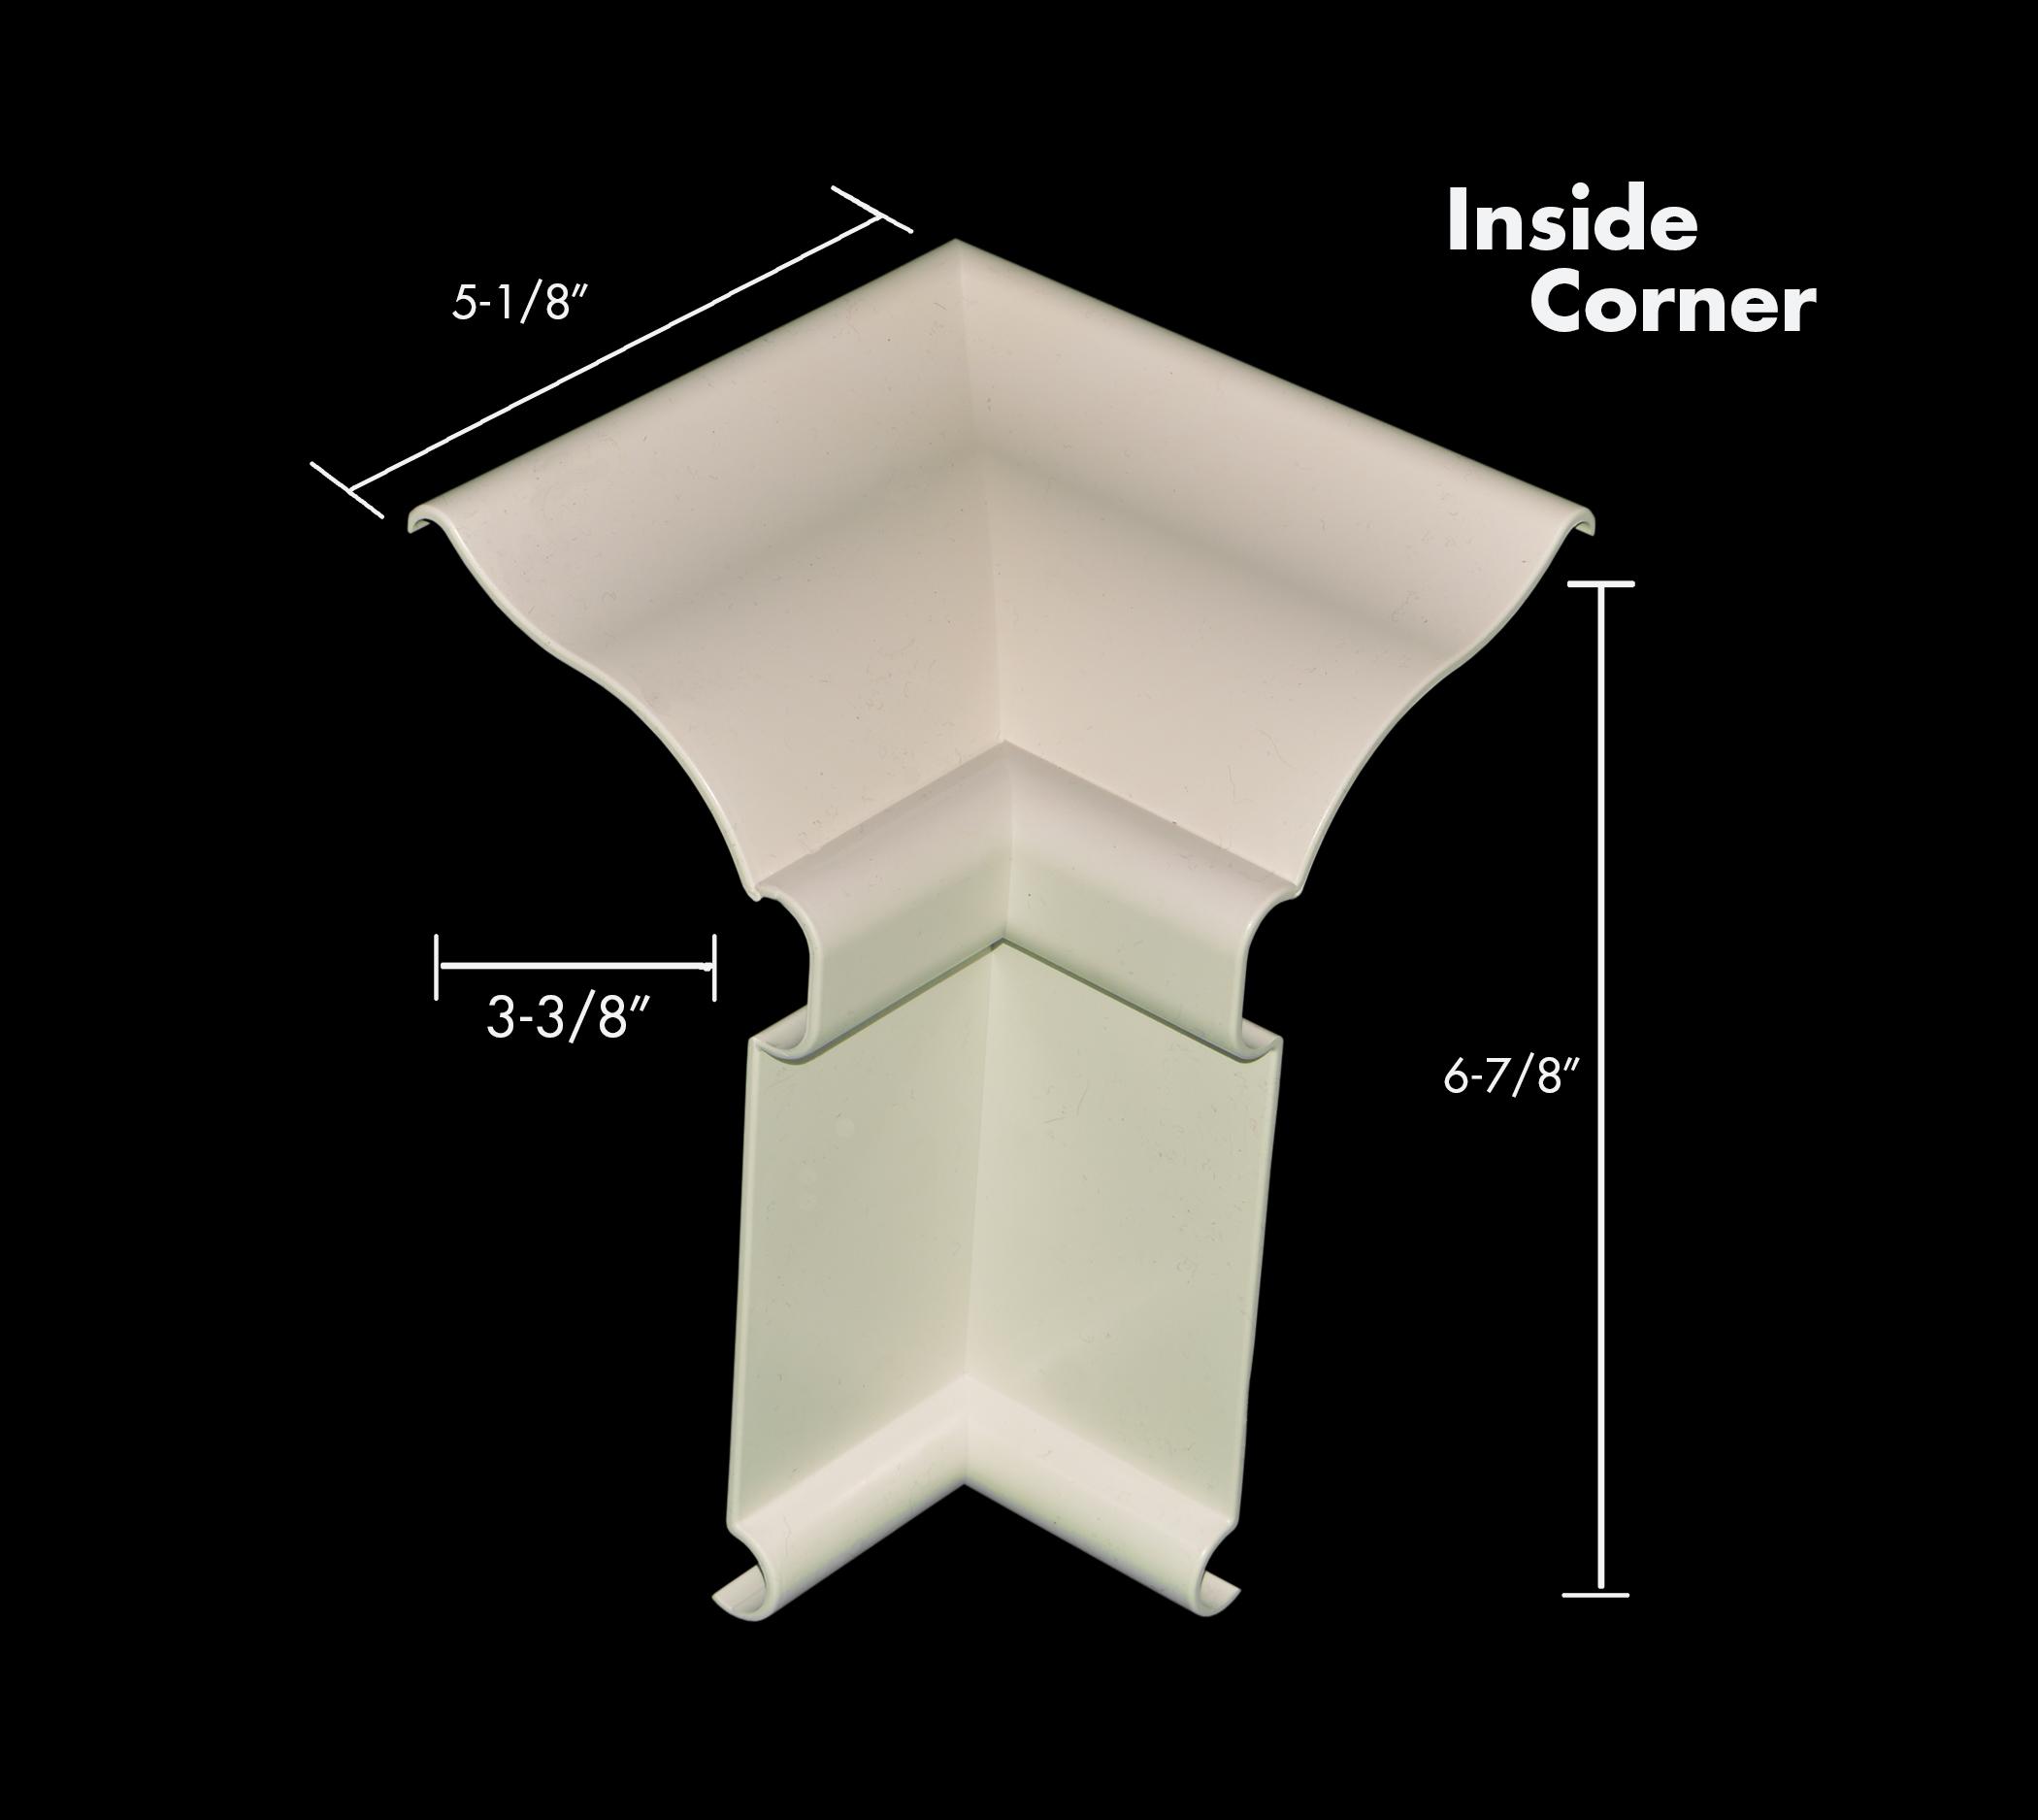 insidecorner-lg